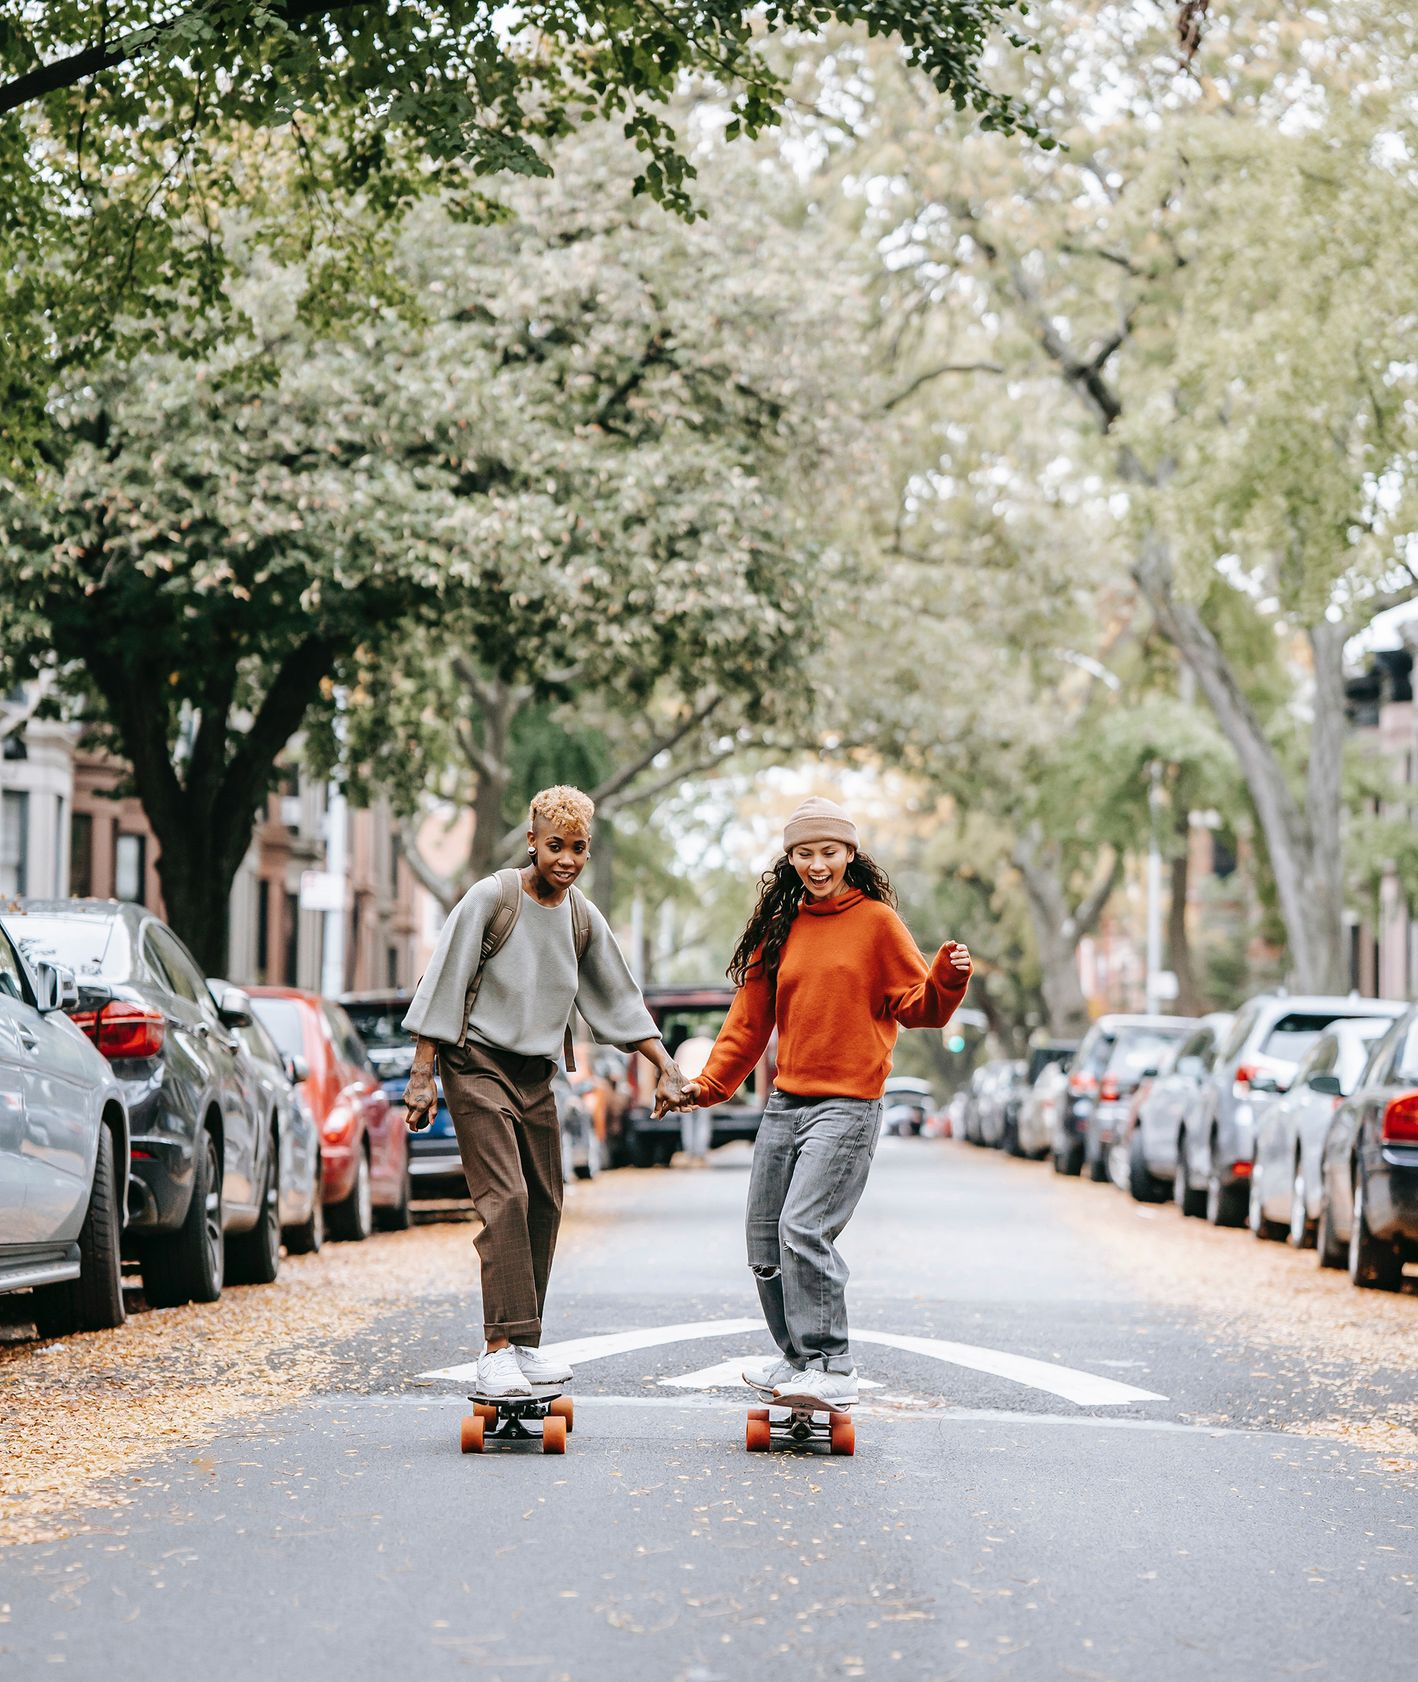 Dziewczyny jeżdżące na deskorolkach po mieście (fot. Tim Samuel / pexels.com)